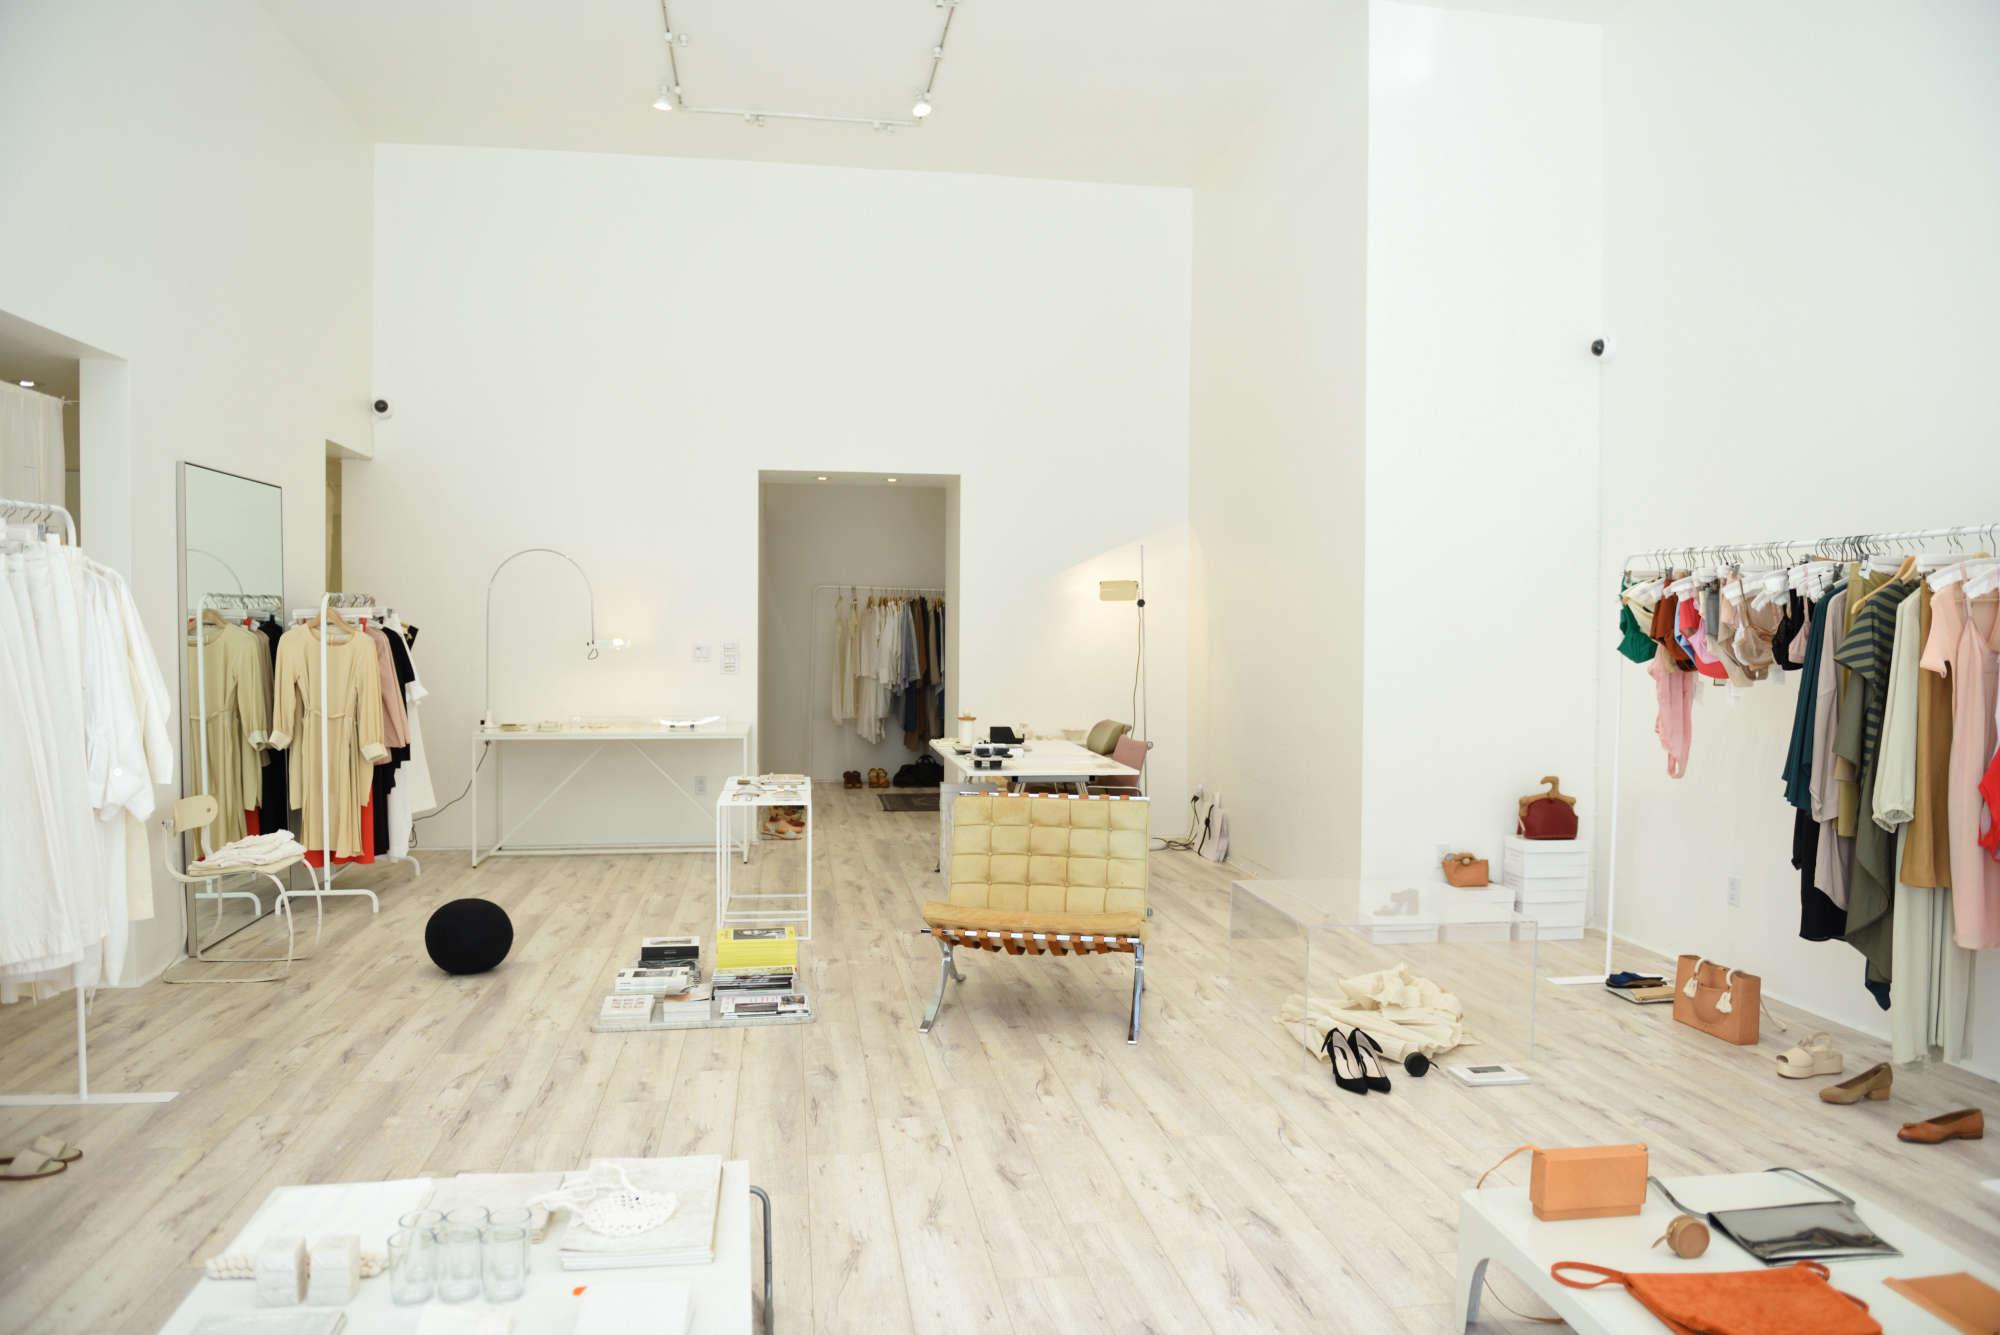 anaise shop san francisco remodelista 4 11